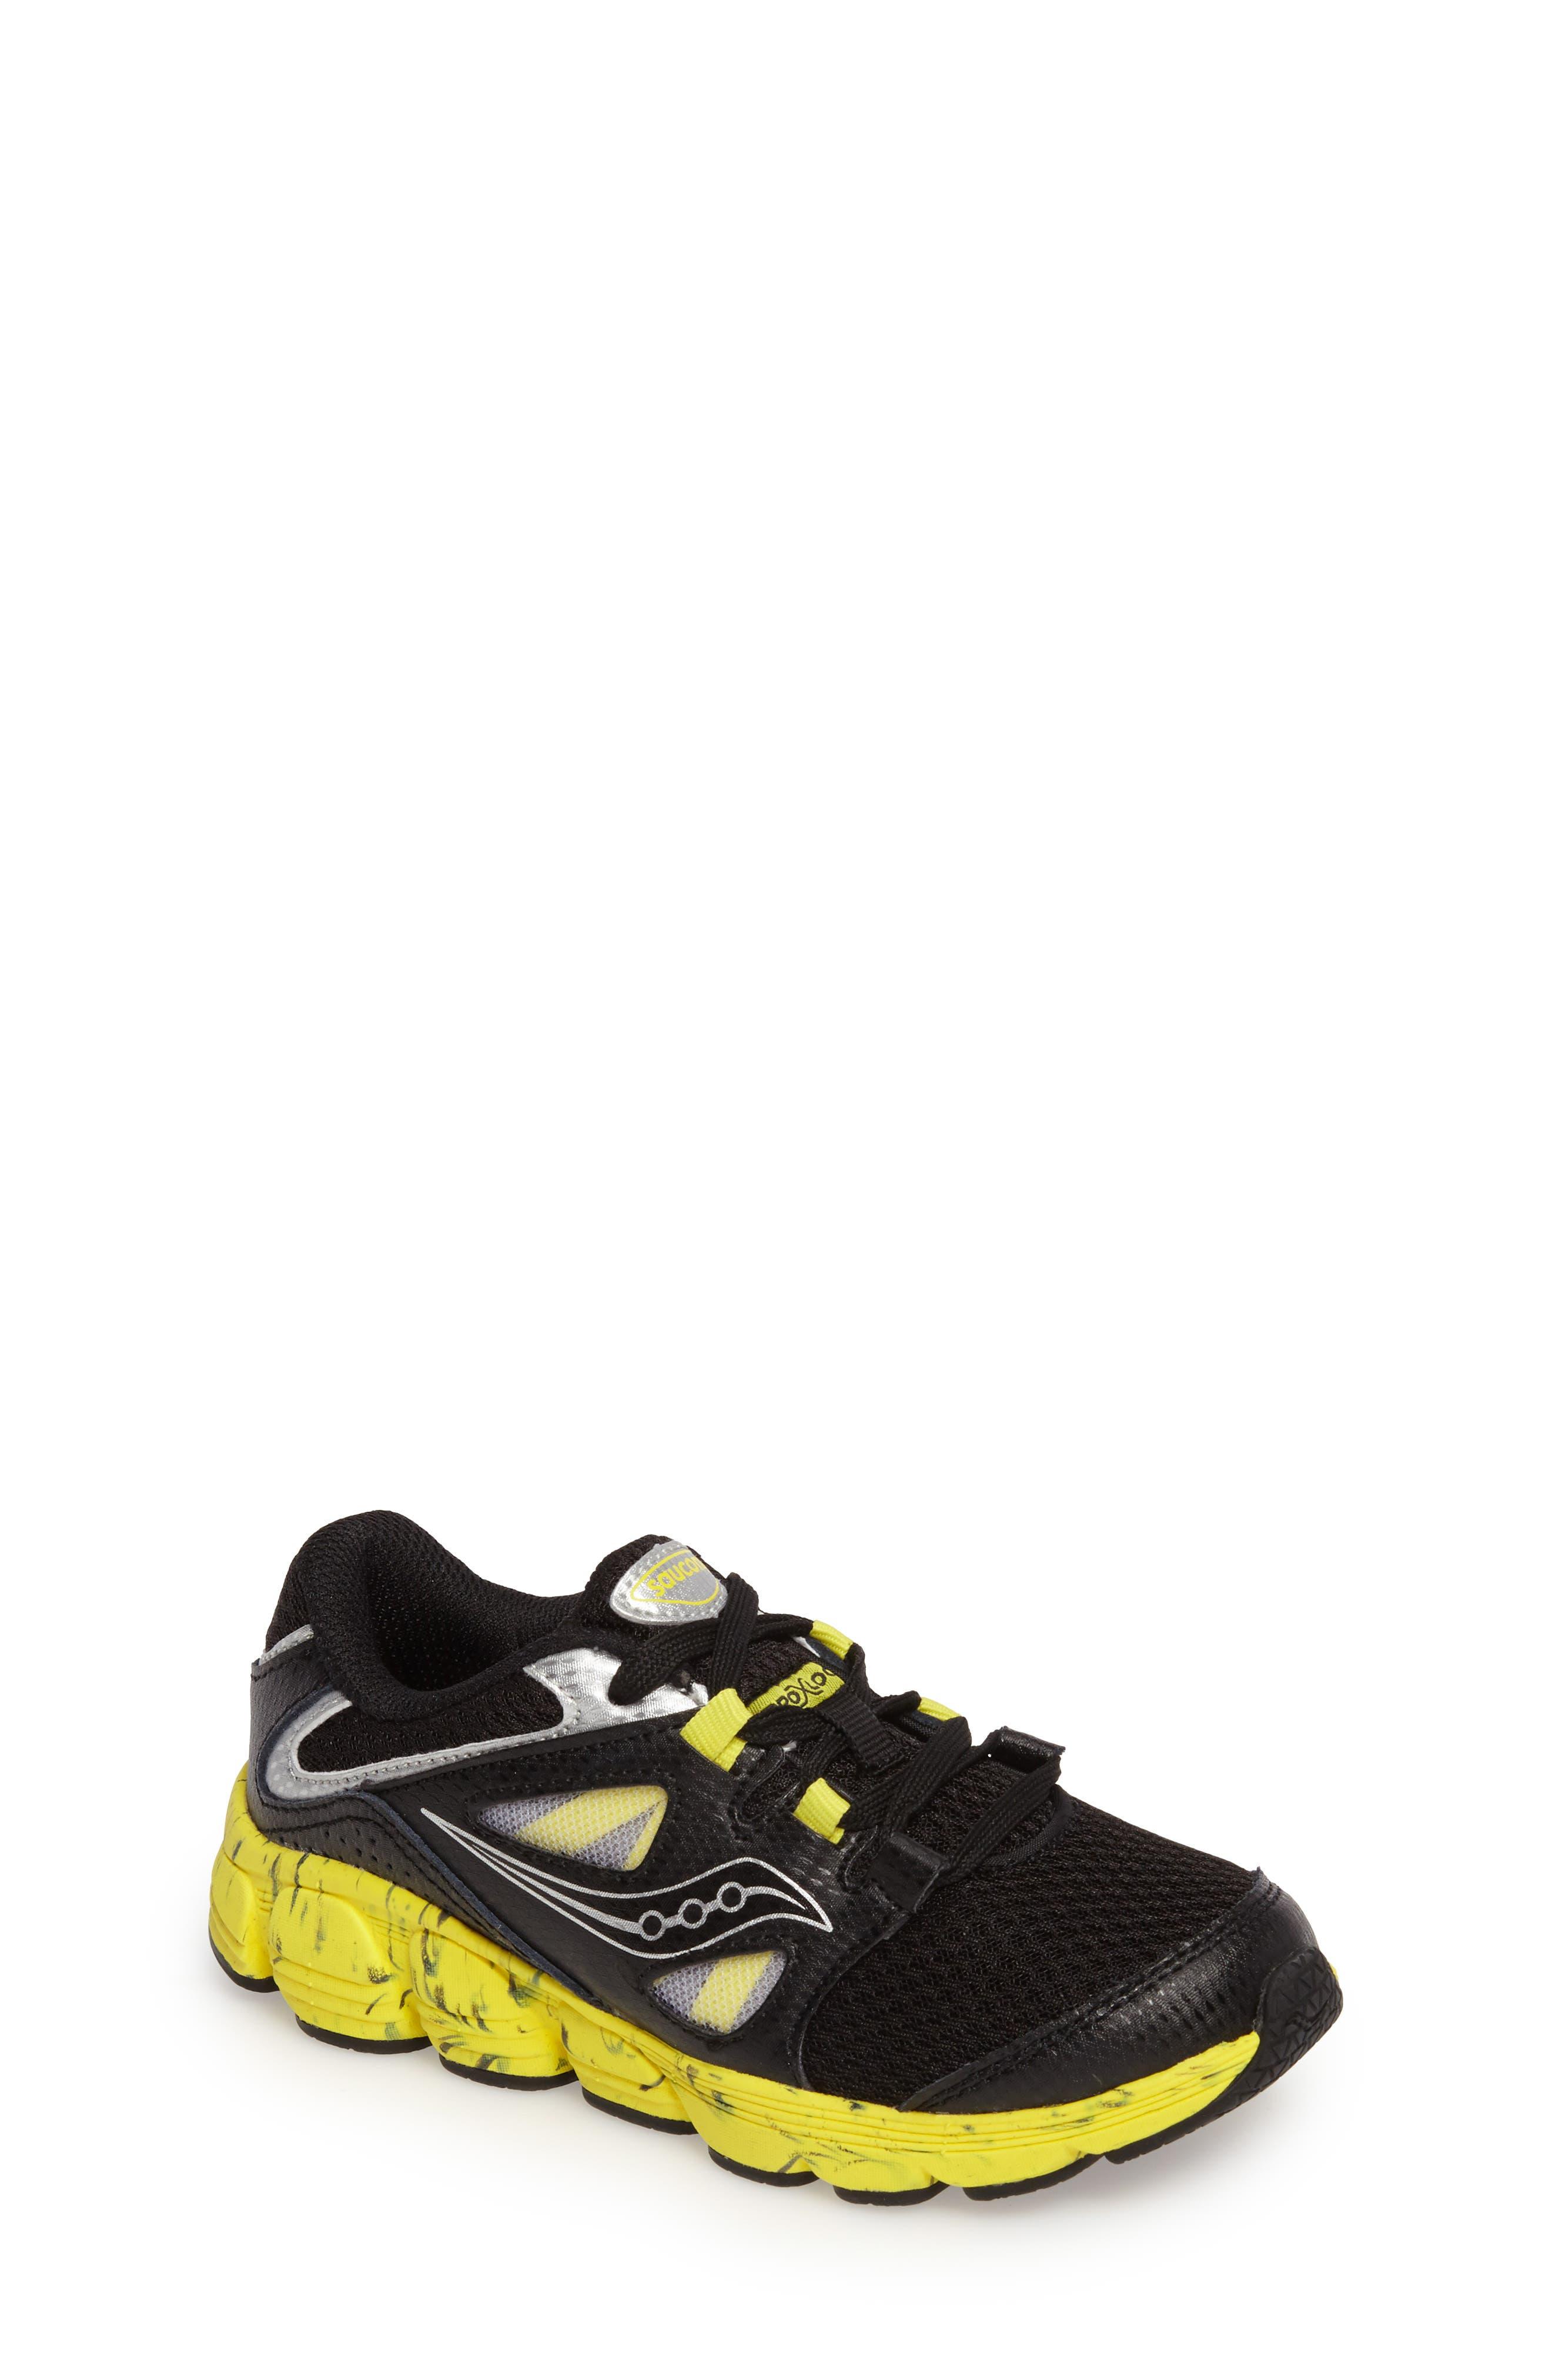 Kotaro 4 Sneaker,                         Main,                         color, 001